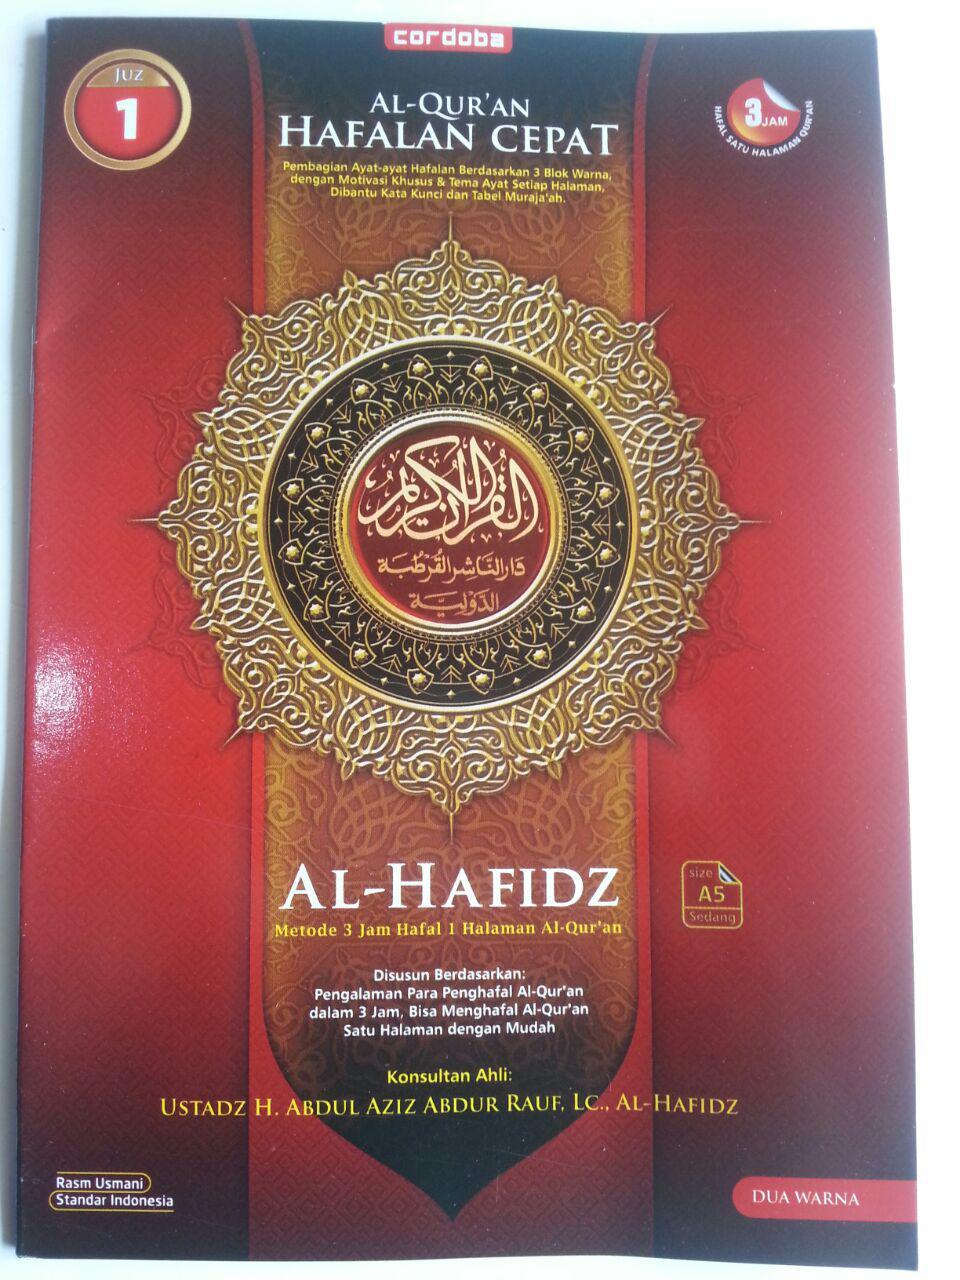 Al-Qur'an Hafalan Al-Hafidz Metode 3 jam Hafal 1 Halaman Per Juz cover 2